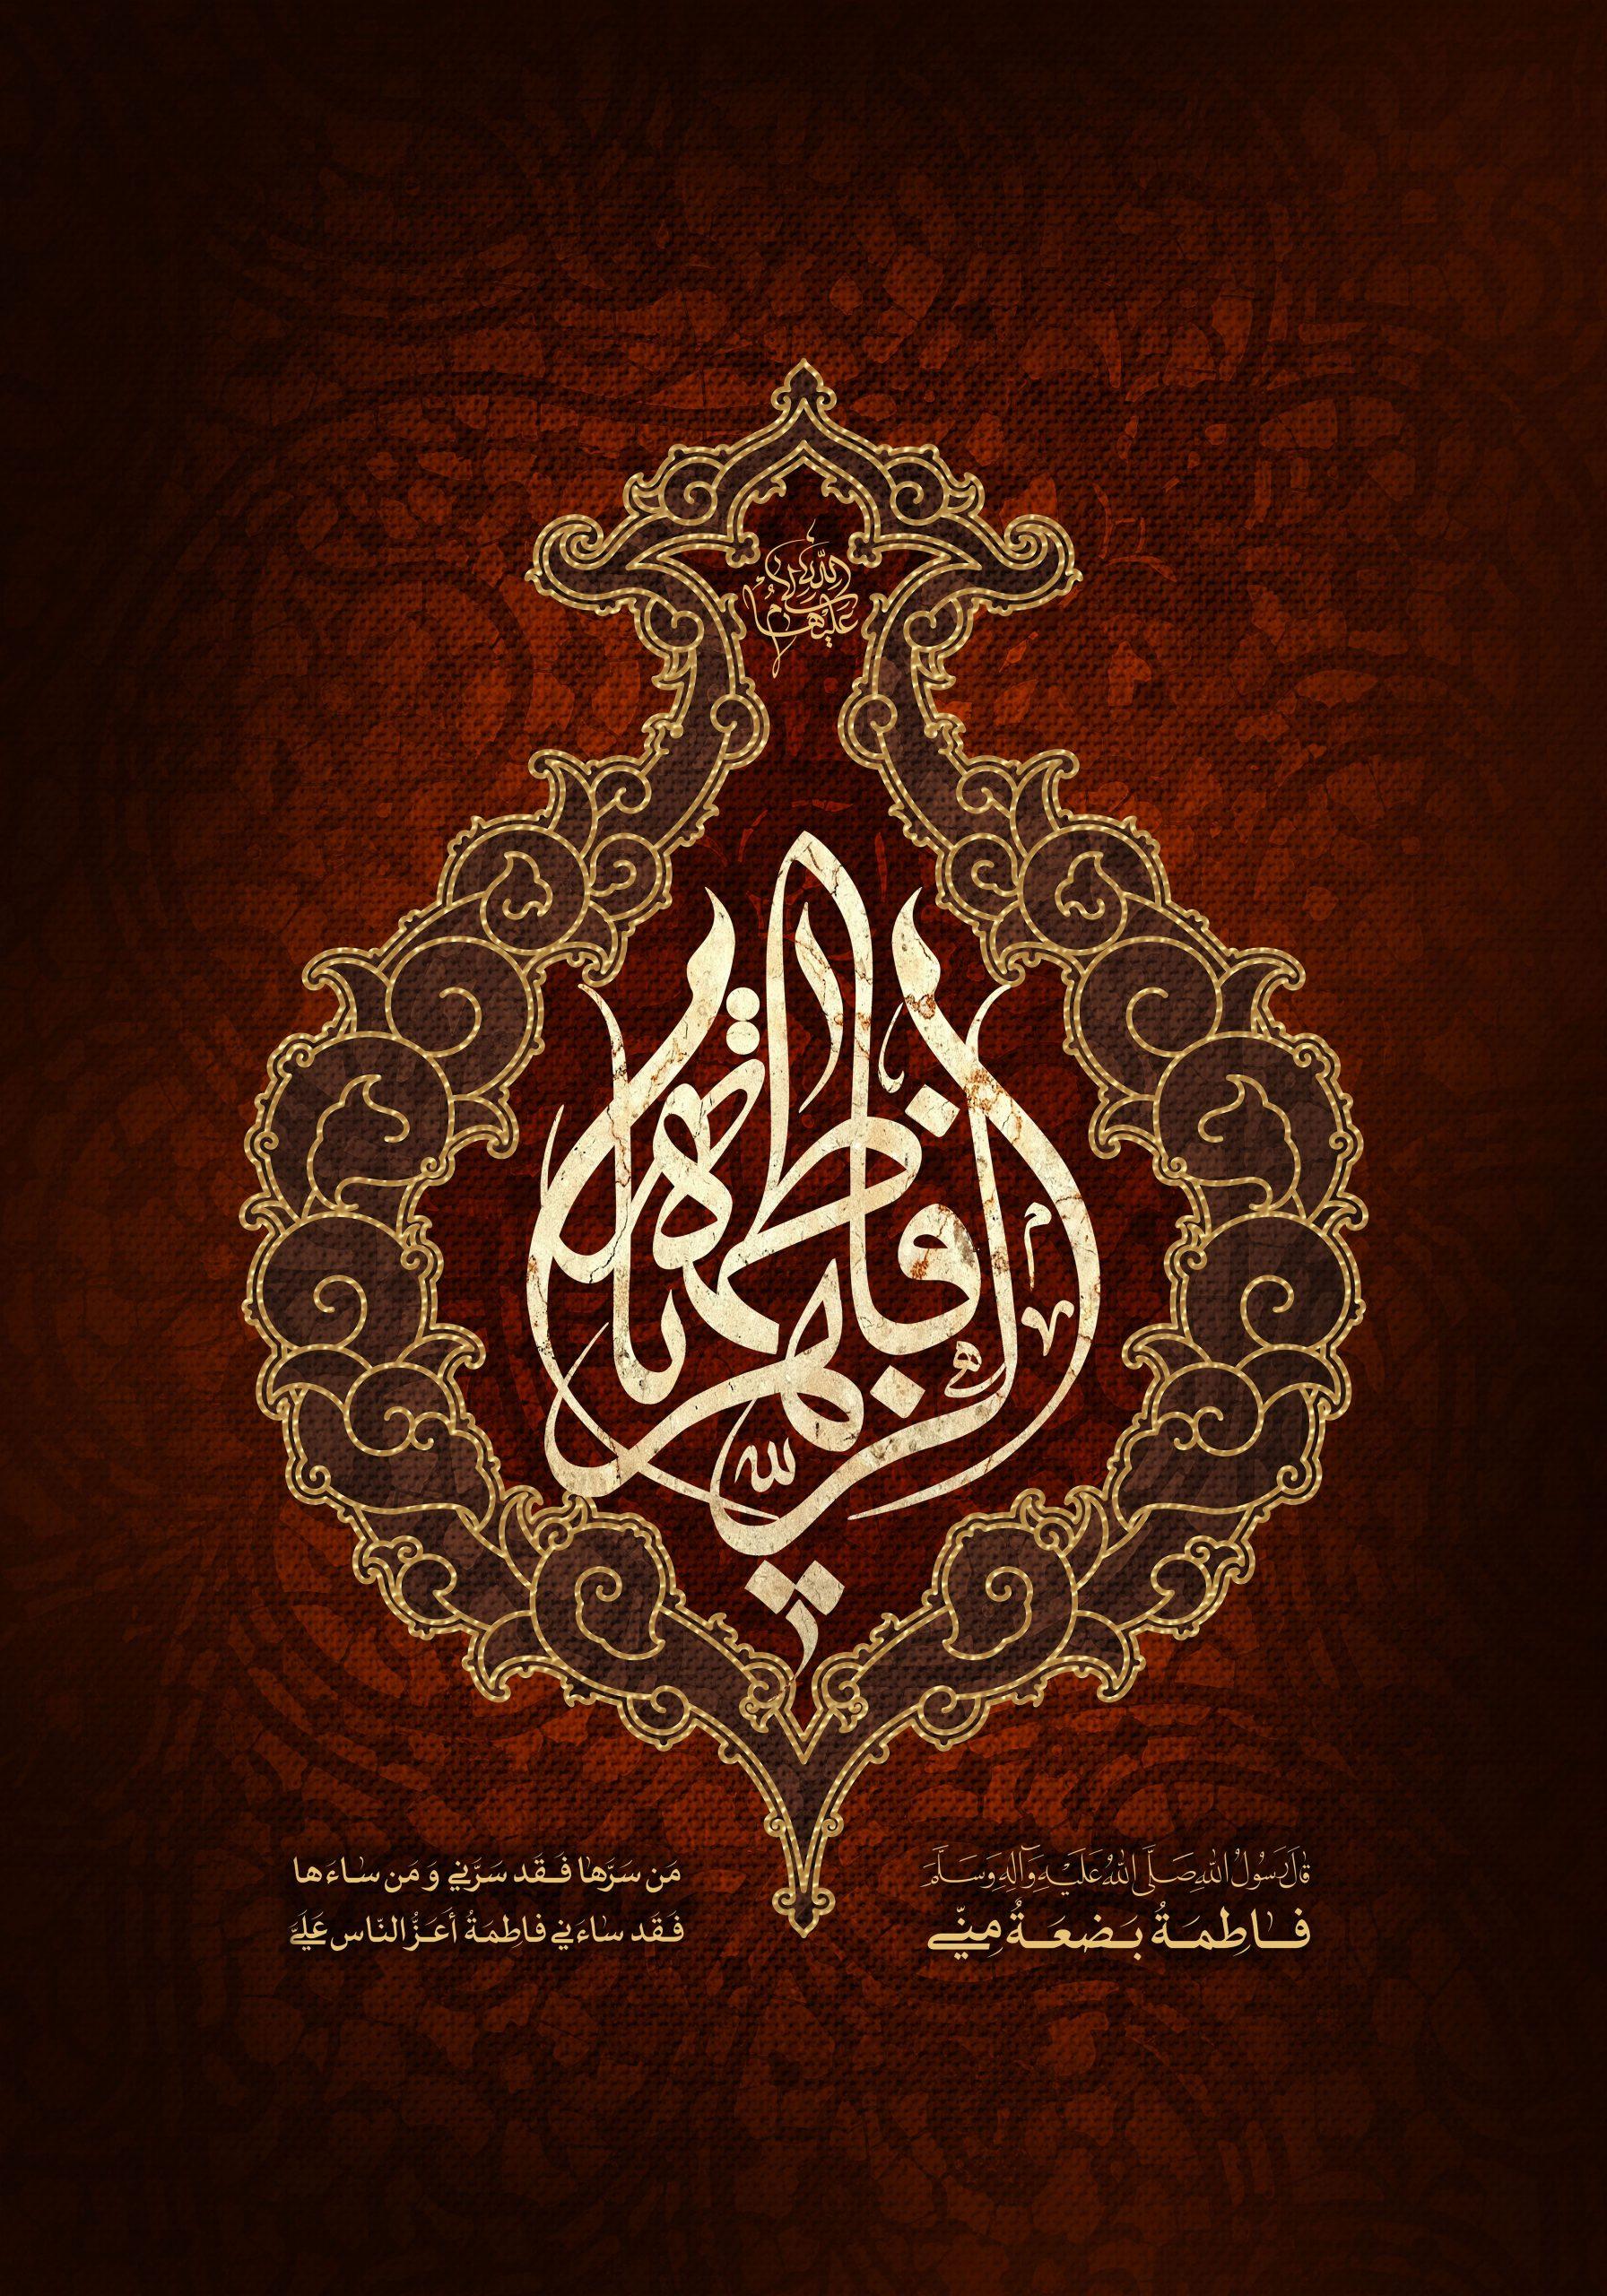 شهادت حضرت فاطمه سلام الله علیها - بخش دوم